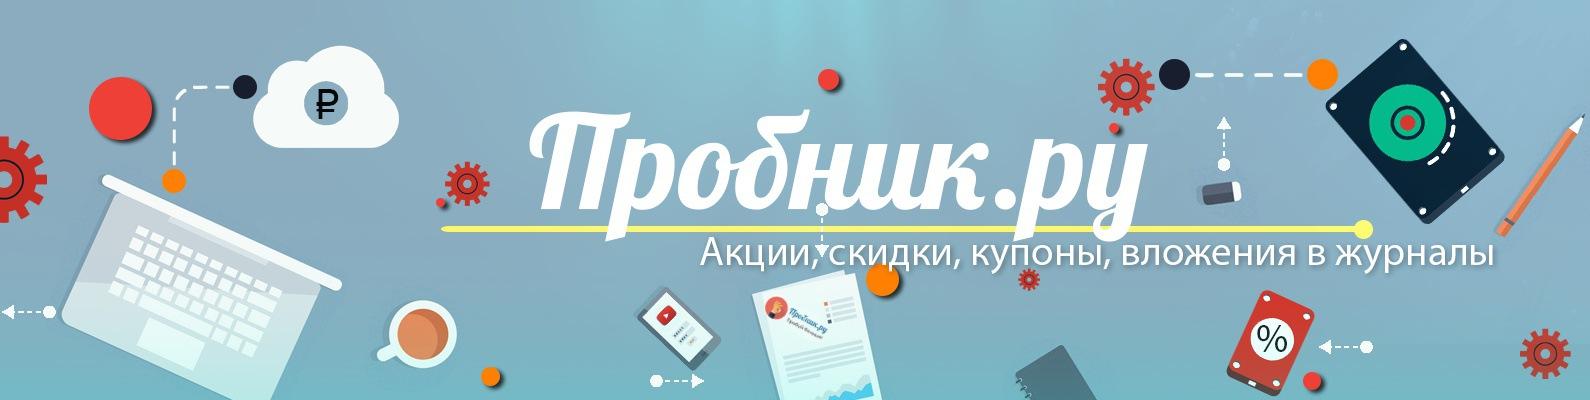 49e43a07718b Пробник.ру   Акции, скидки, вложения в журналы   ВКонтакте